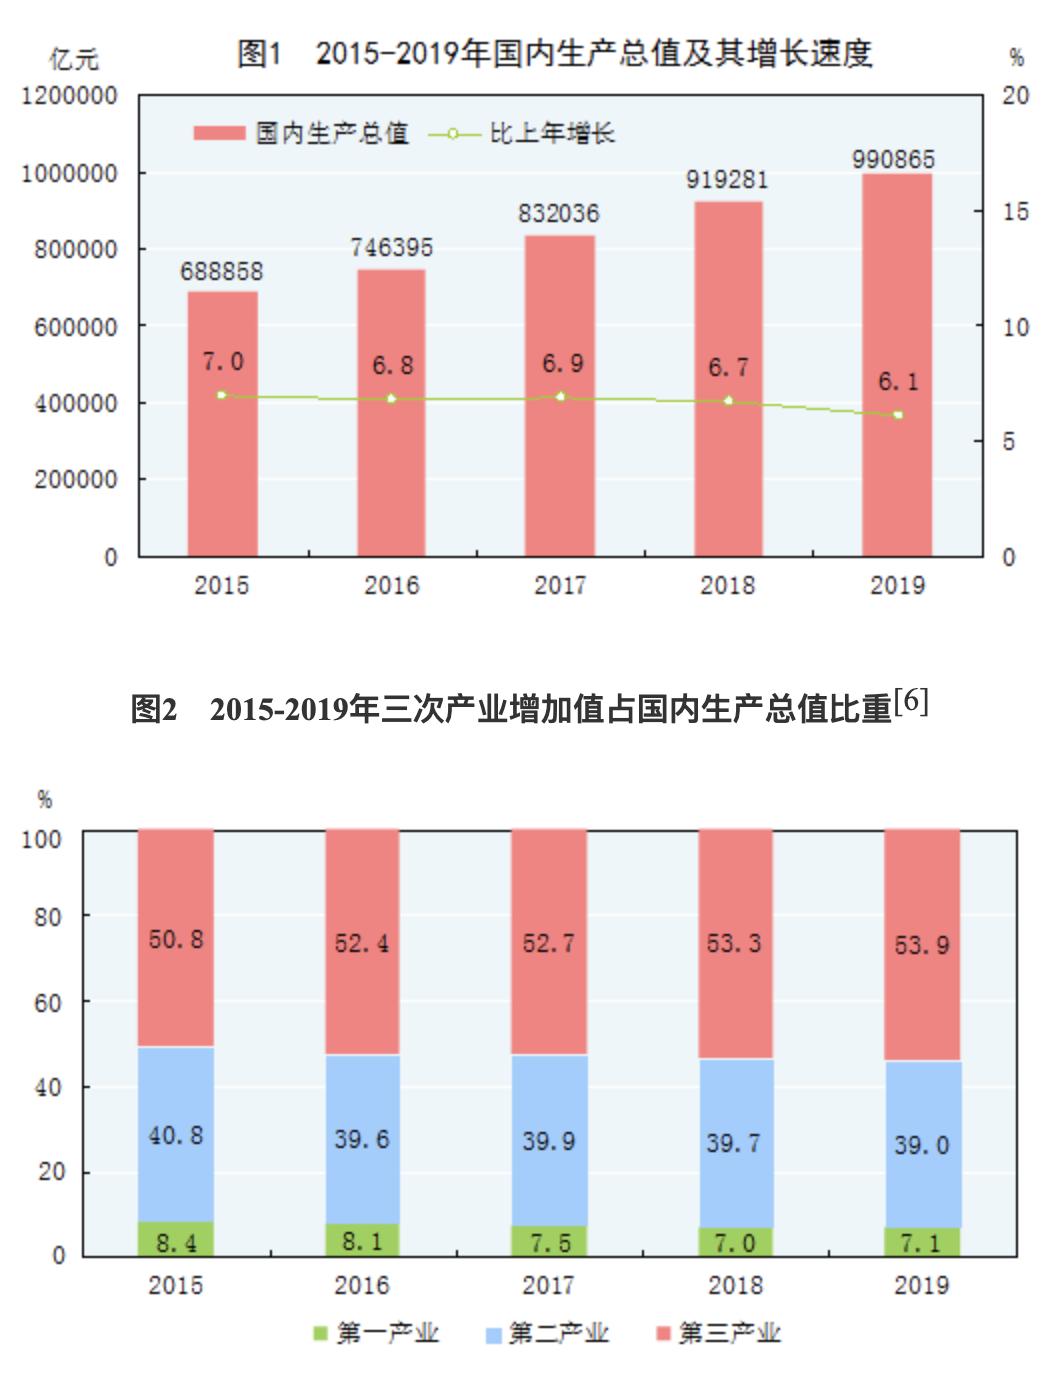 统计局:2019年全年国内生产总值990865亿元 同比增6.1%